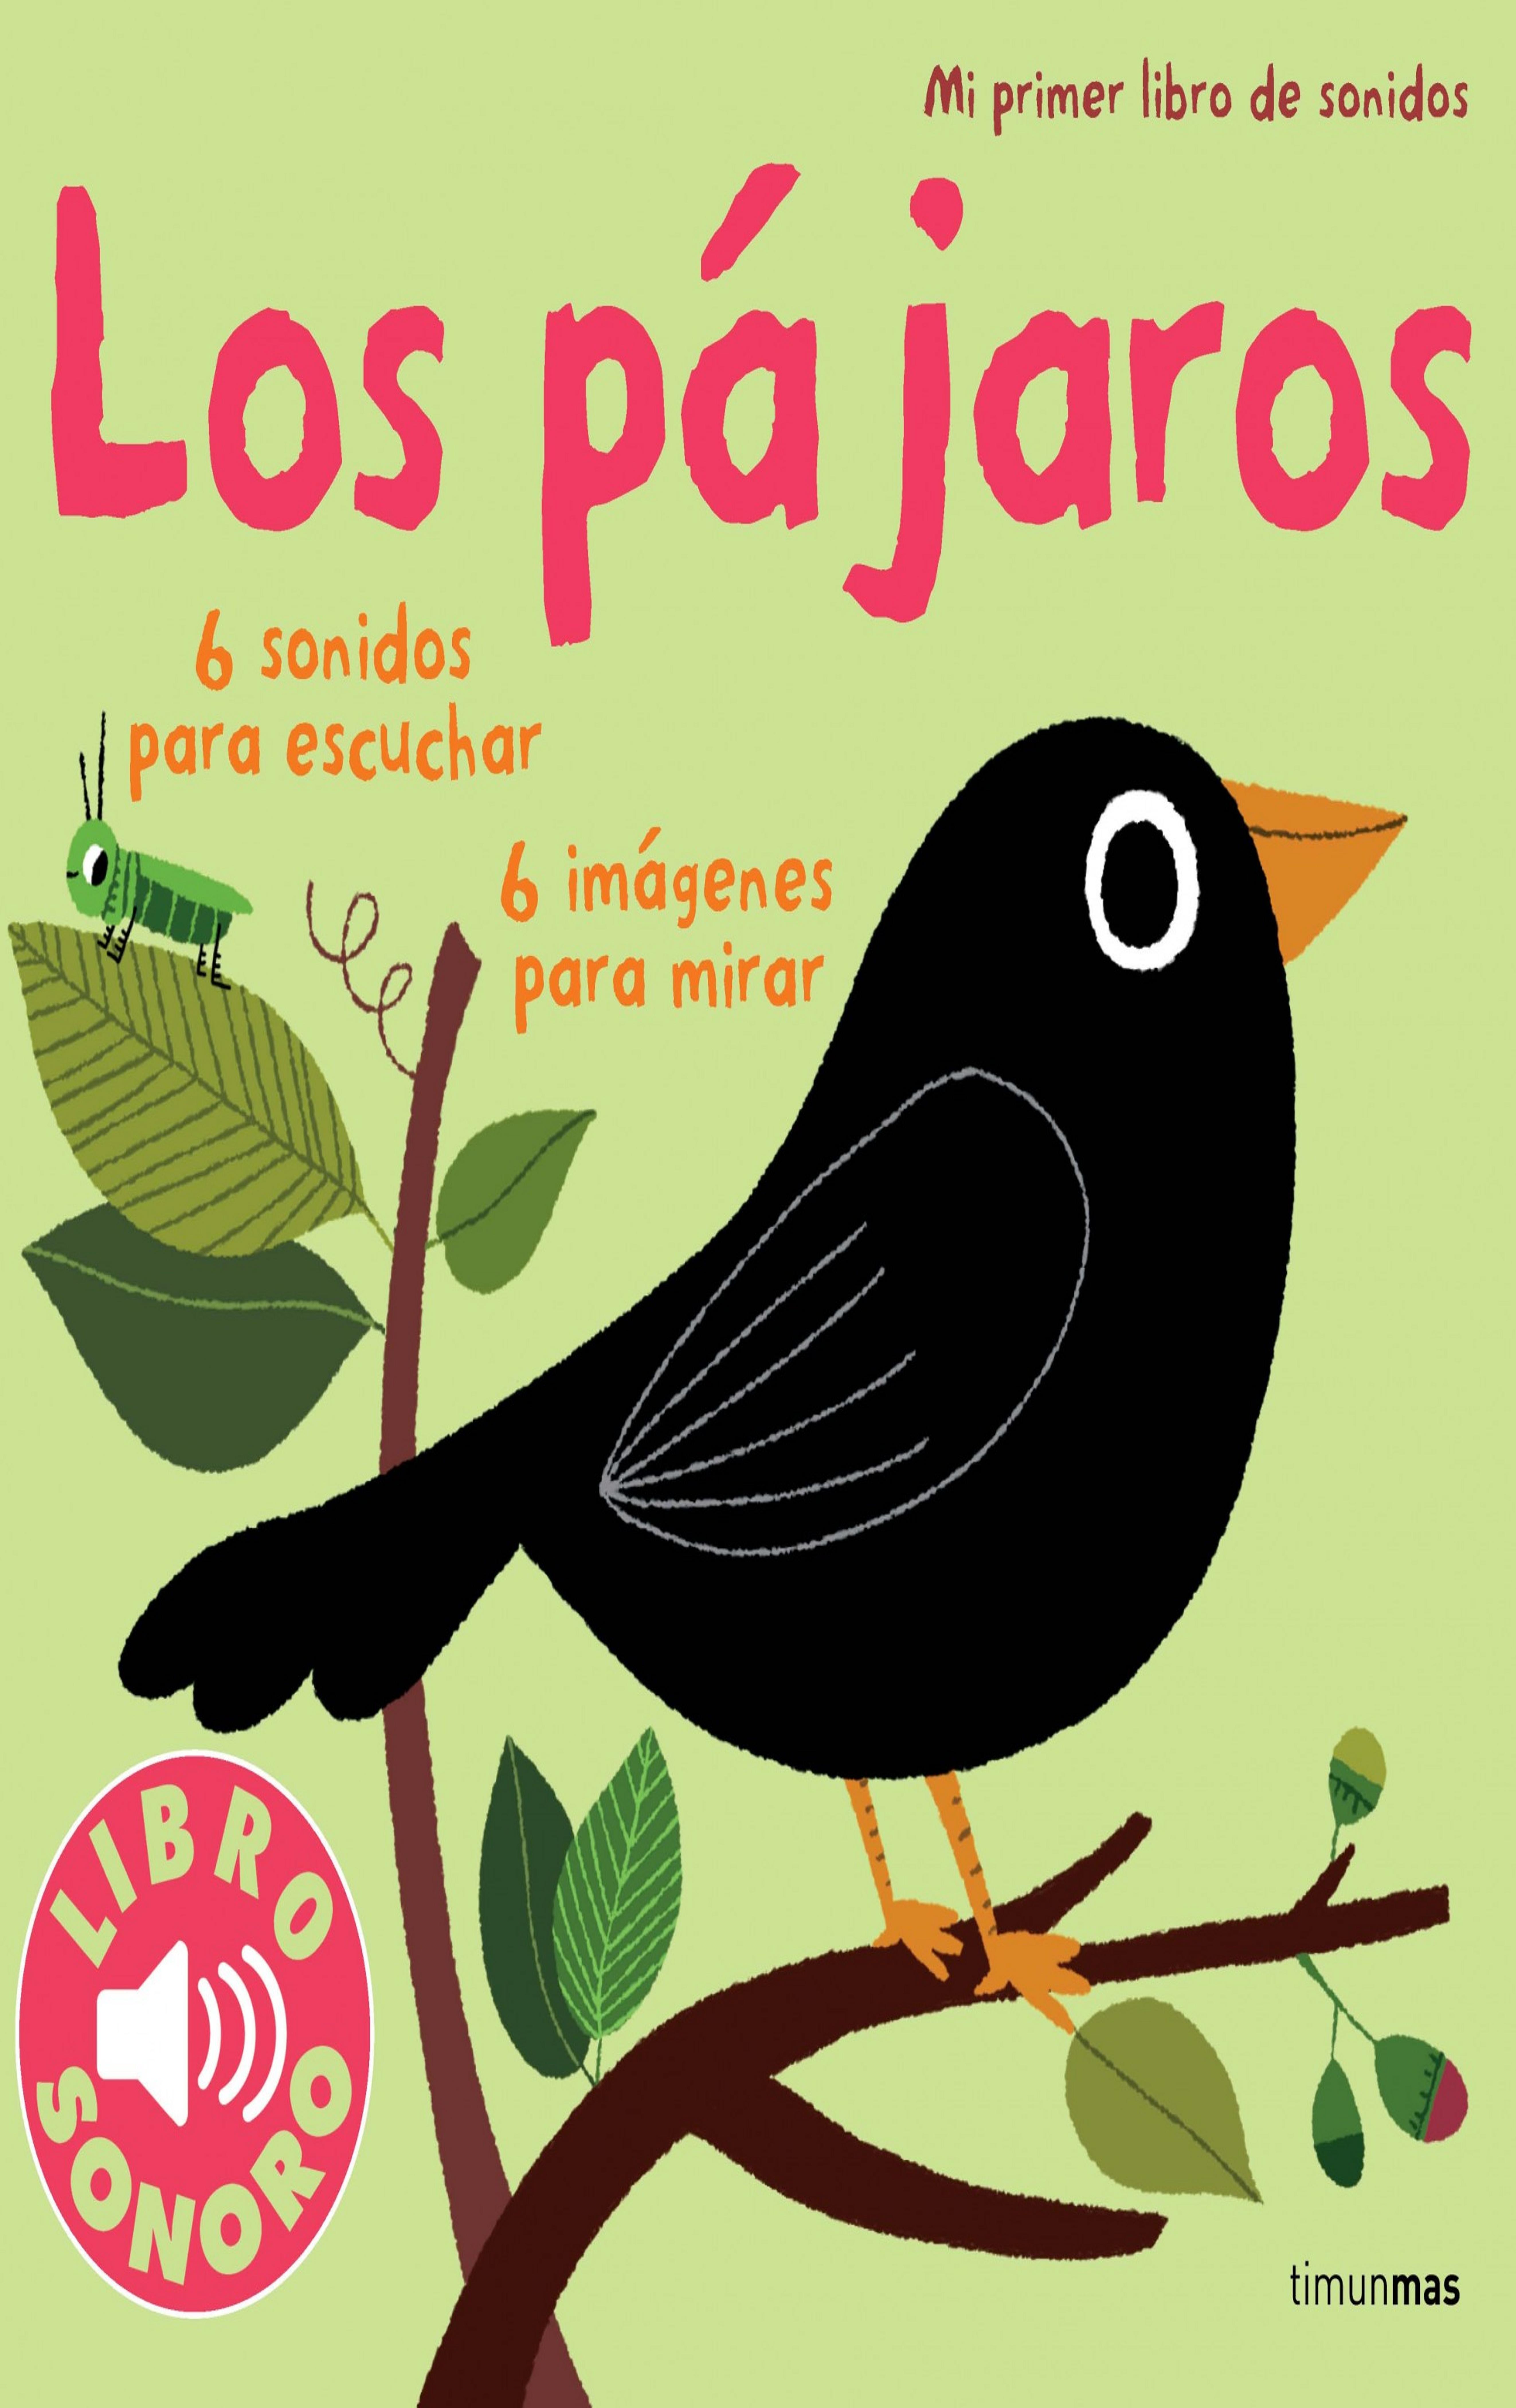 PAJAROS, LOS - Libro Sonoro